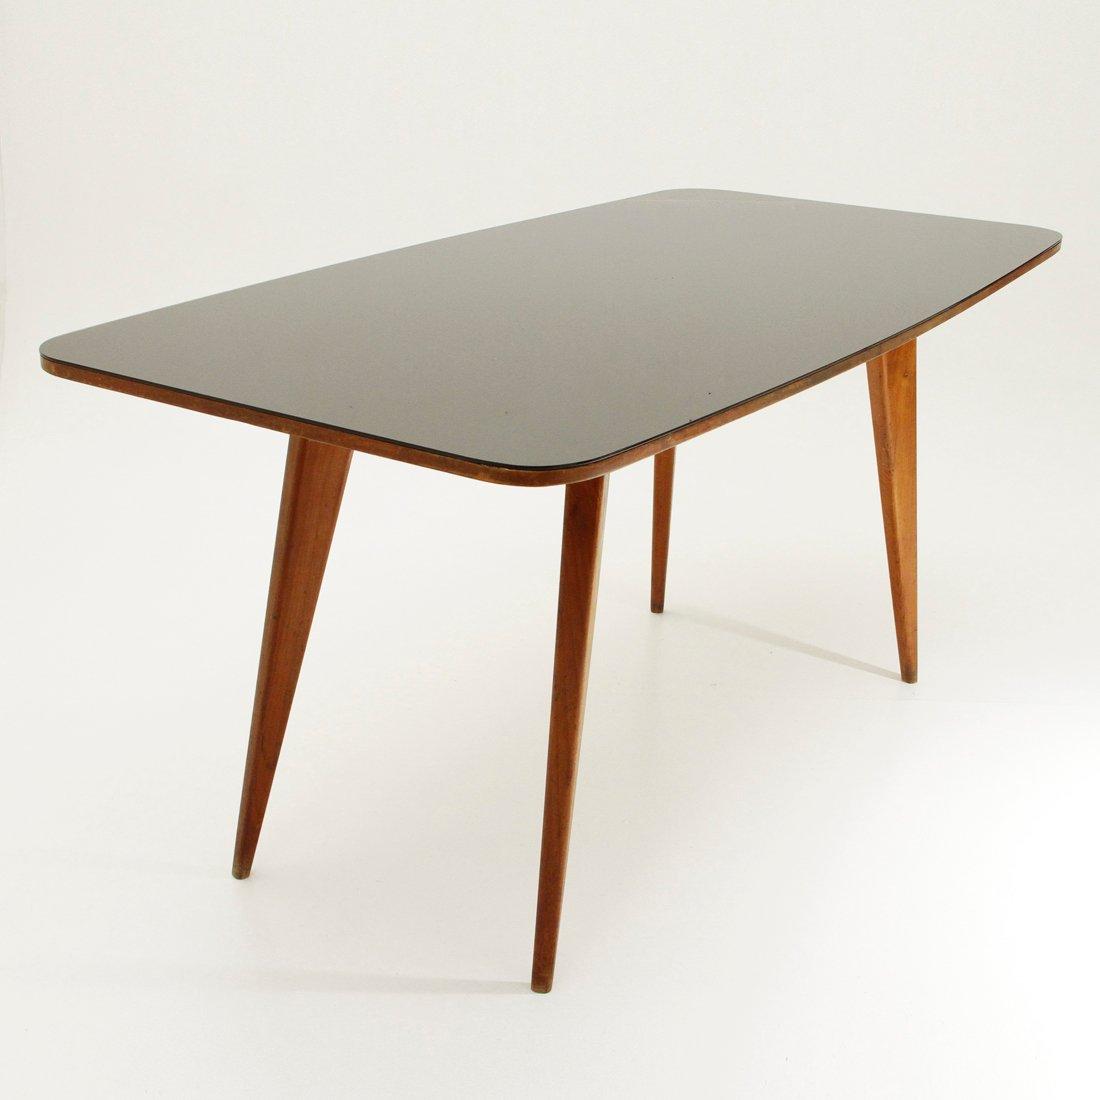 italienischer esstisch aus holz mit schwarzer glasplatte. Black Bedroom Furniture Sets. Home Design Ideas